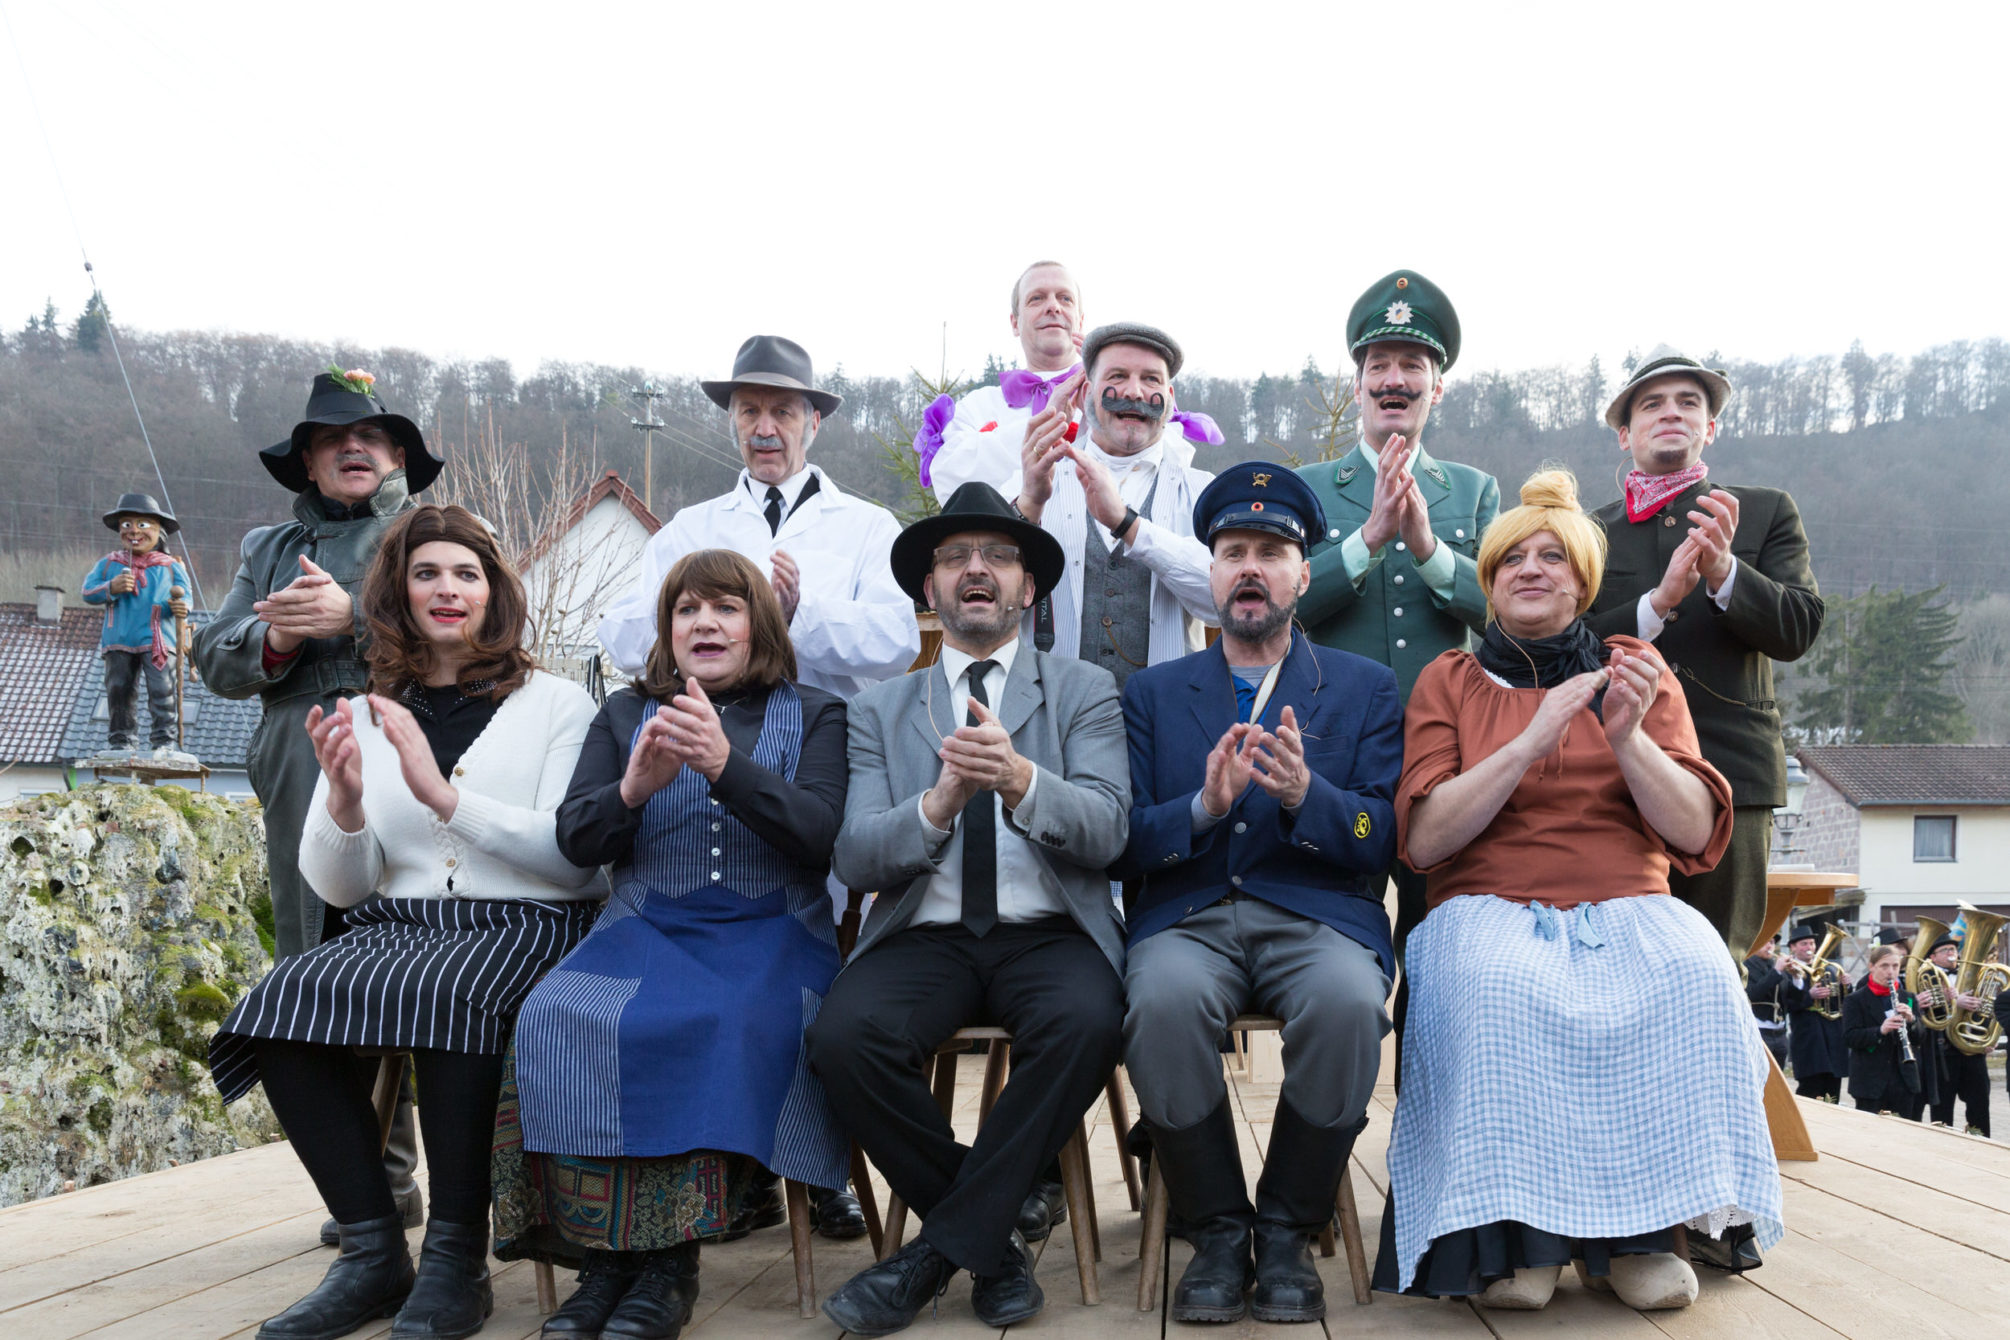 Gruppenfoto der Theaterleute aus dem Fasnetsspiel 2017 in Burladingen.